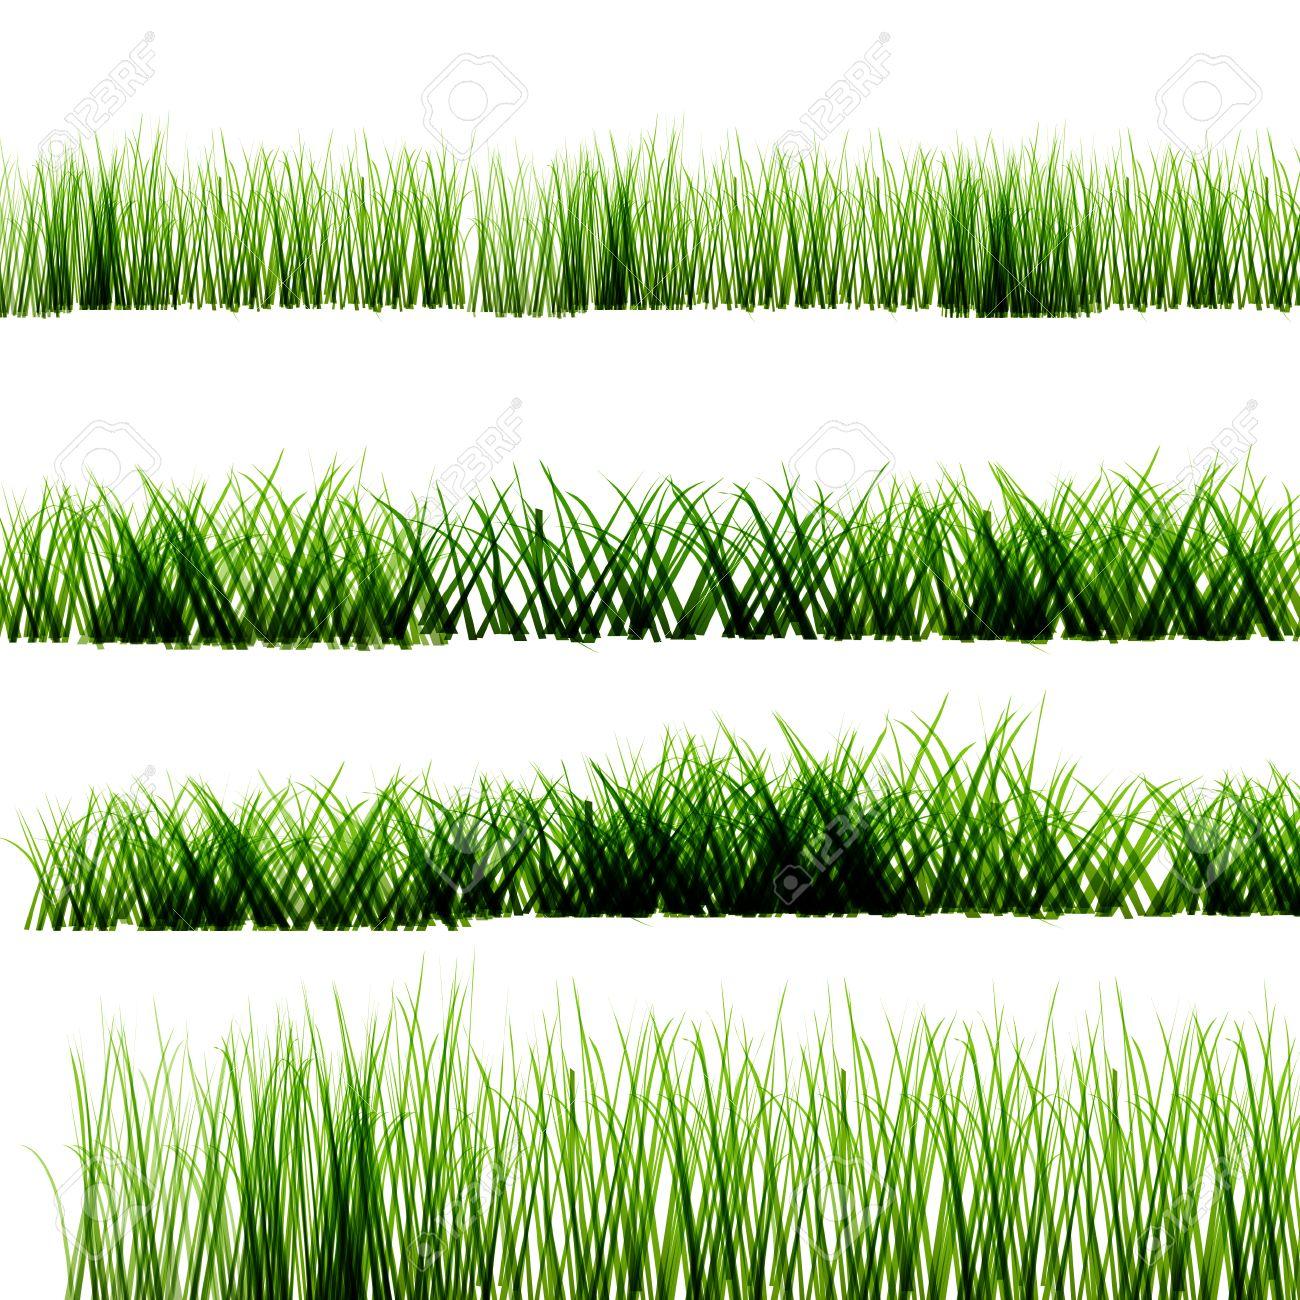 grass transparent background. Green Grass On Isolated Transparent Background Stock Vector - 60693003 R